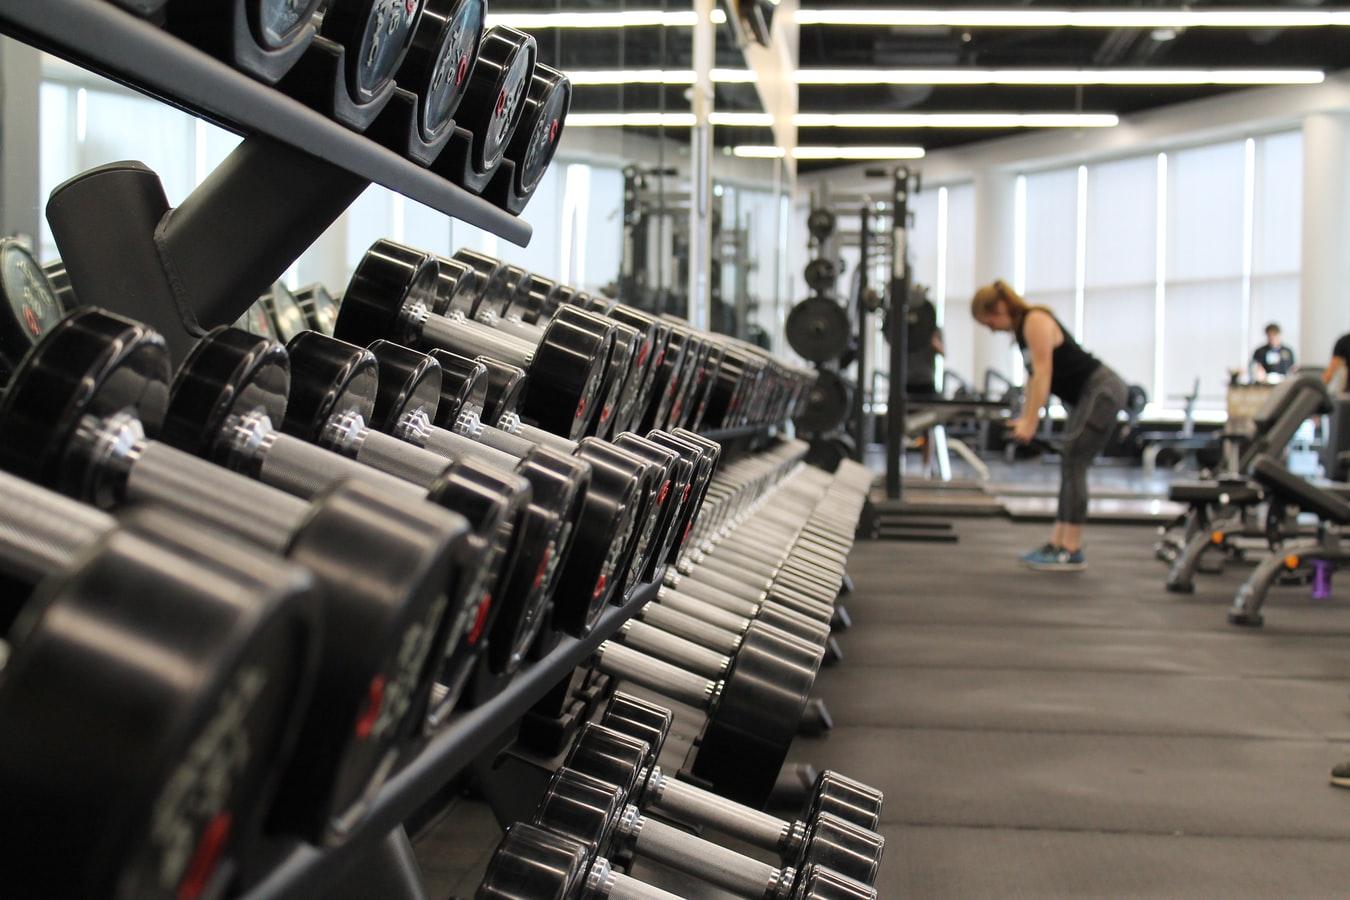 А зачем зеркала в спортзале? При силовых тренировках можно и без них